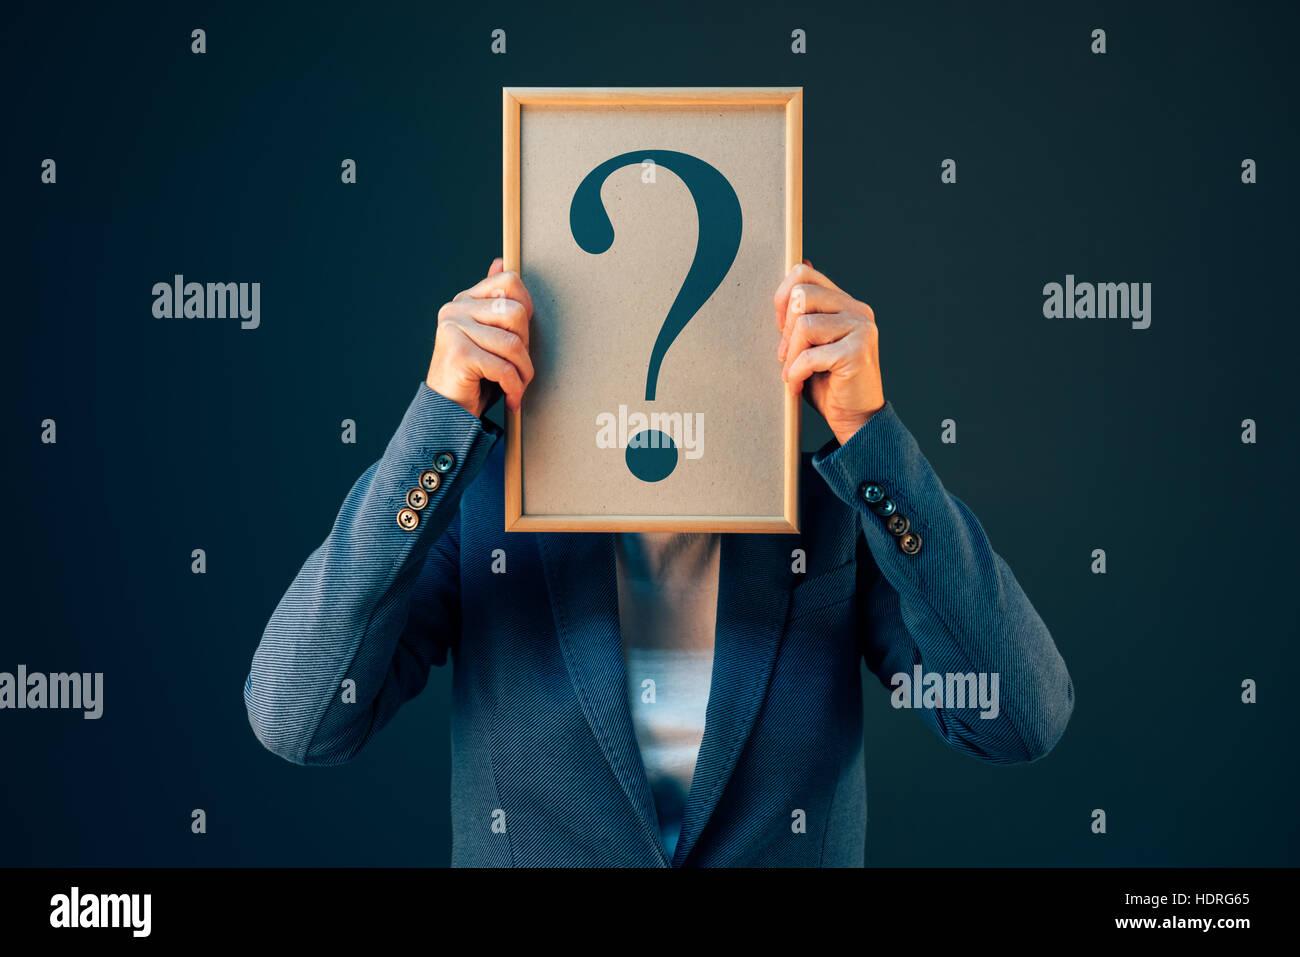 Geschäftsfrau mit Fragezeichen auf der Suche nach Antworten, Fragen und Gedanken über ungewisse Zukunft Stockbild